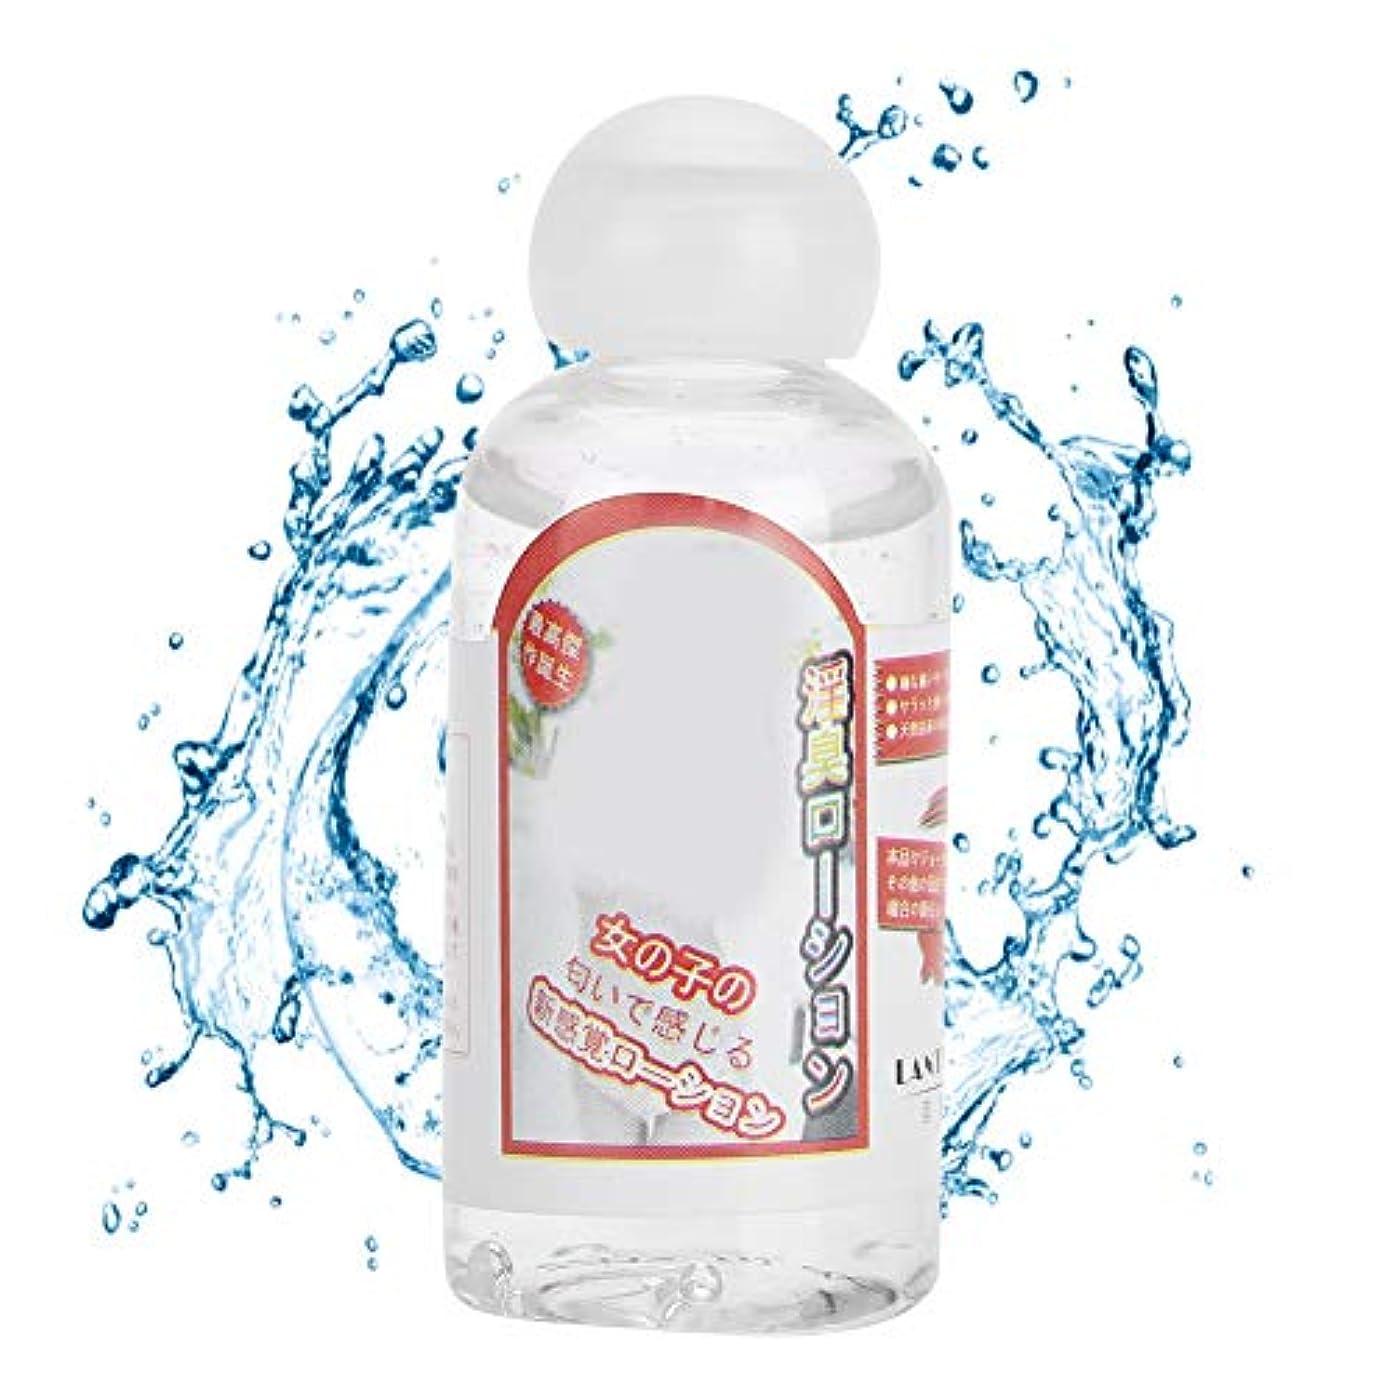 ケーブルロンドン羽女性用プライベート保湿エッセンシャルオイル、安全肌用栄養マッサージオイル、栄養補給、滑らかな肌